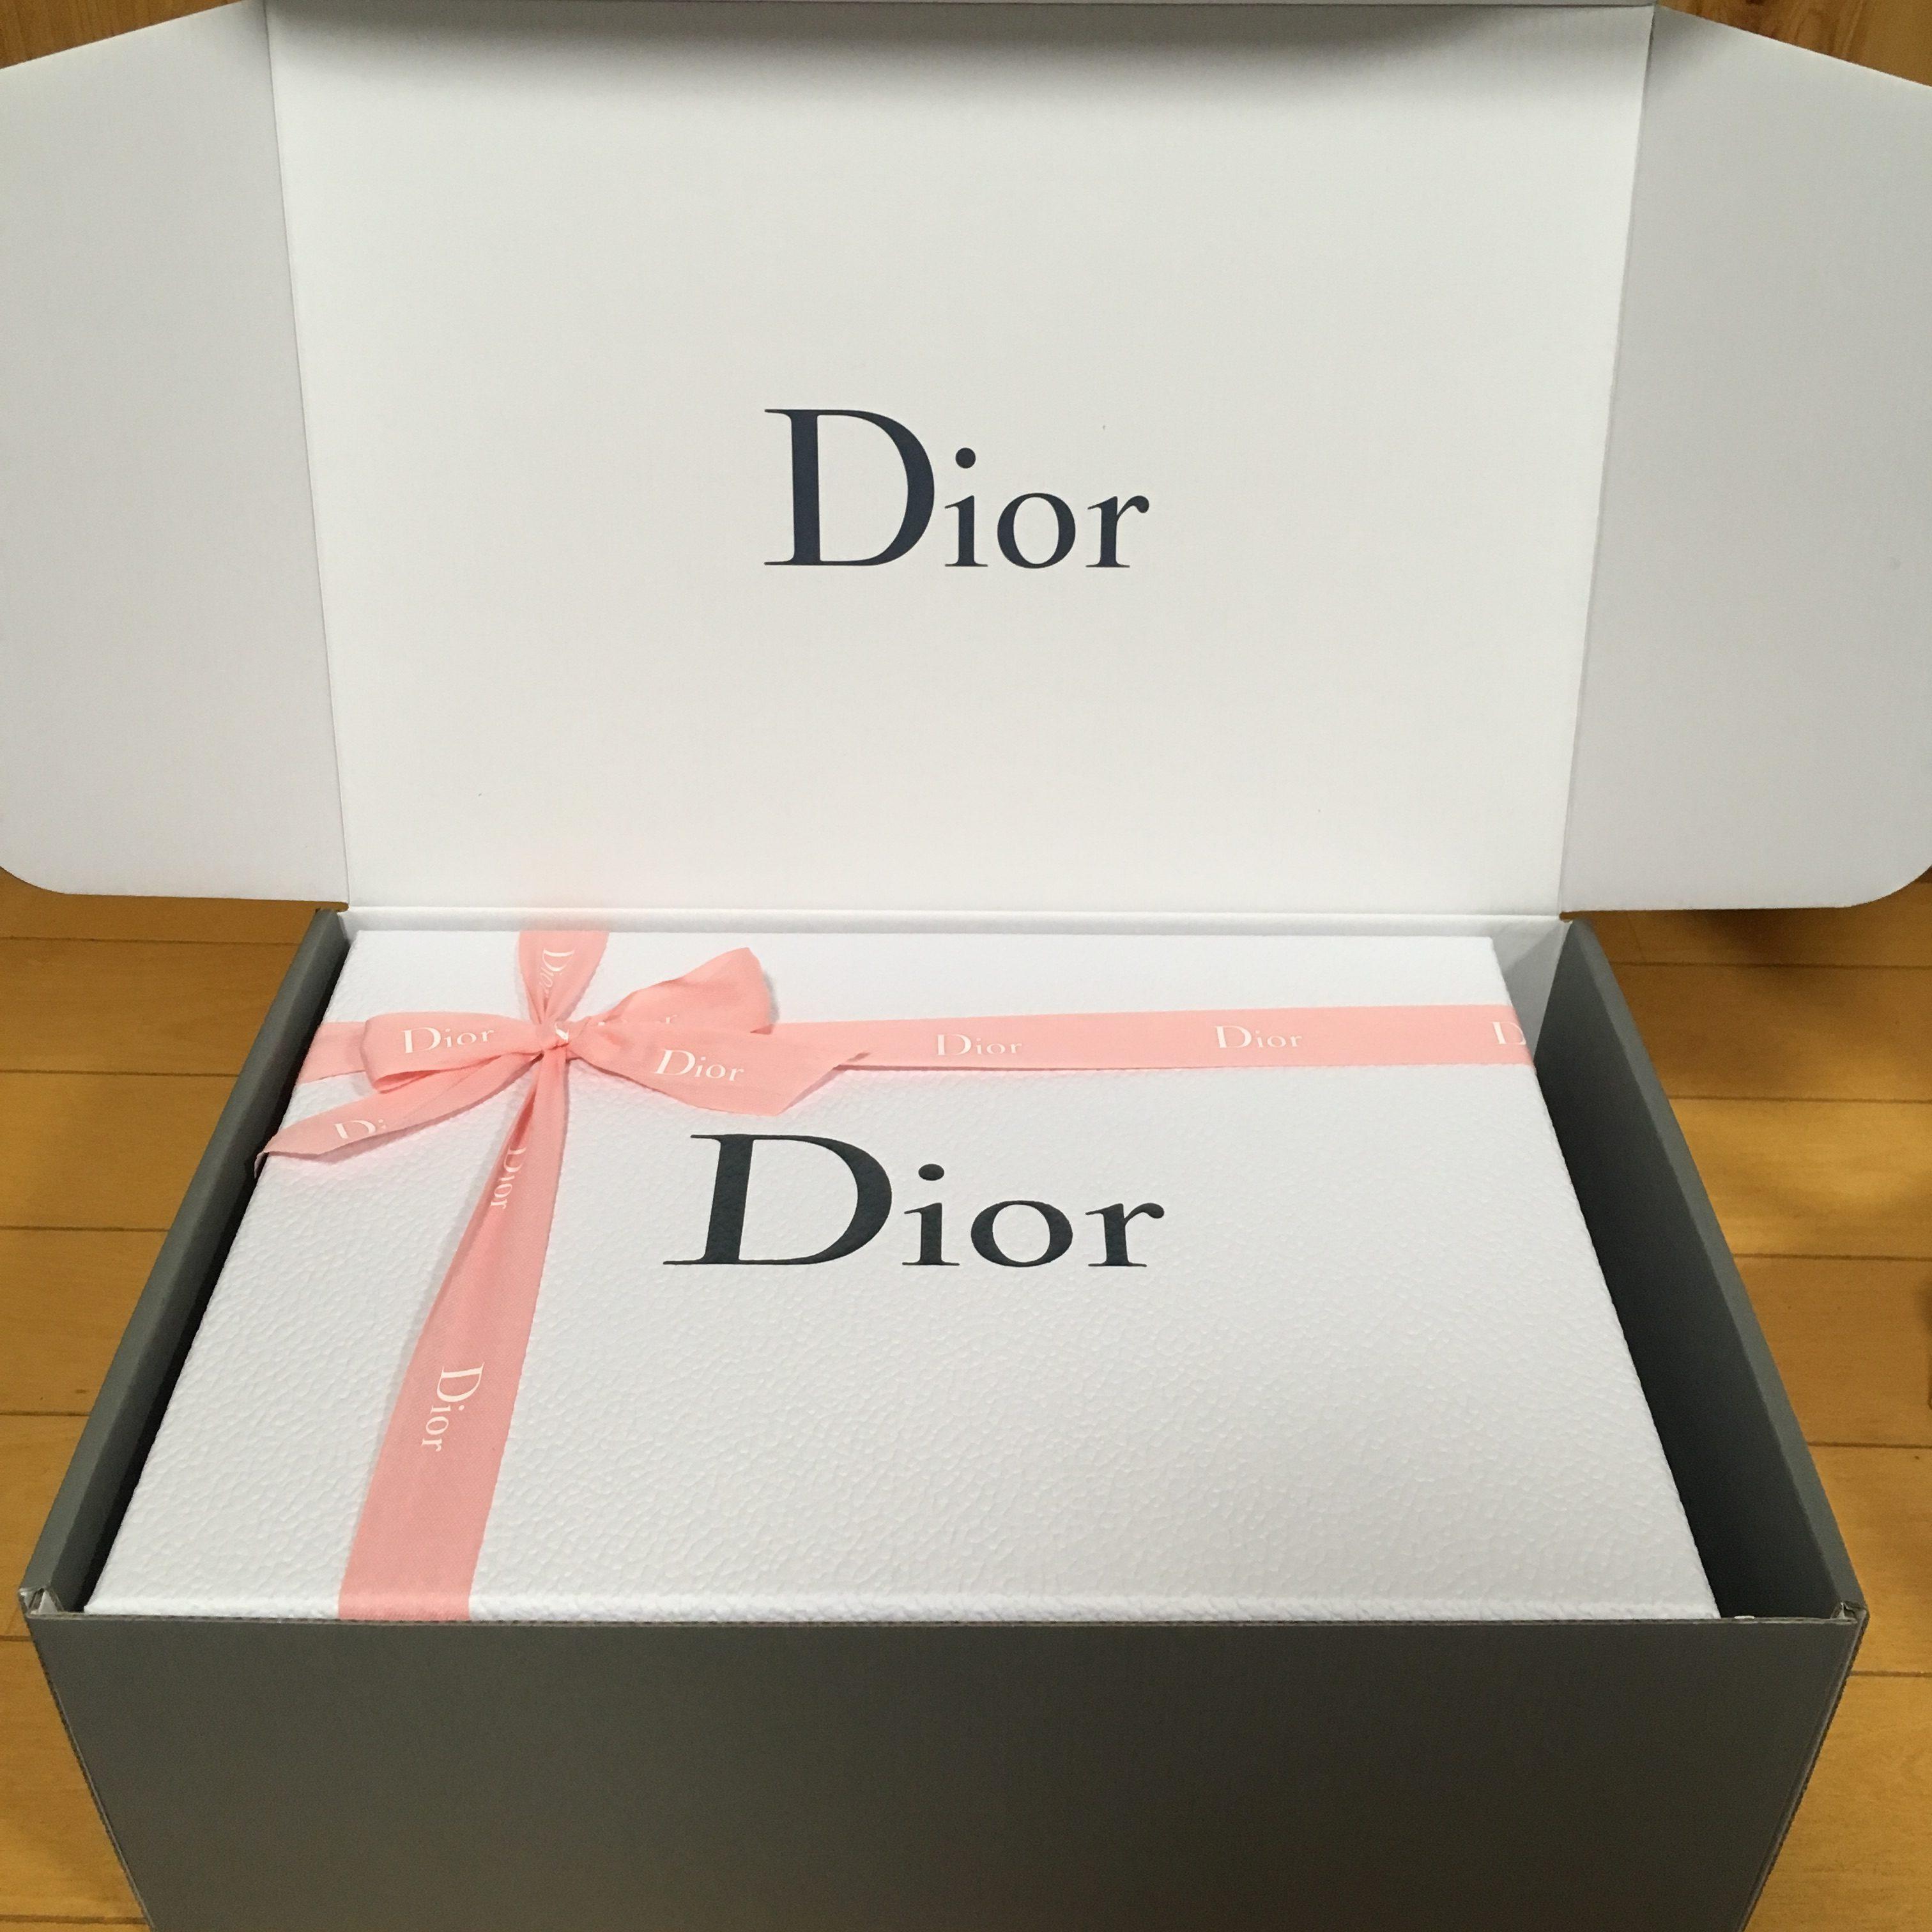 Dior ディオール オンラインブティック バレンタイン ギフト ラッピング リボン ピンク